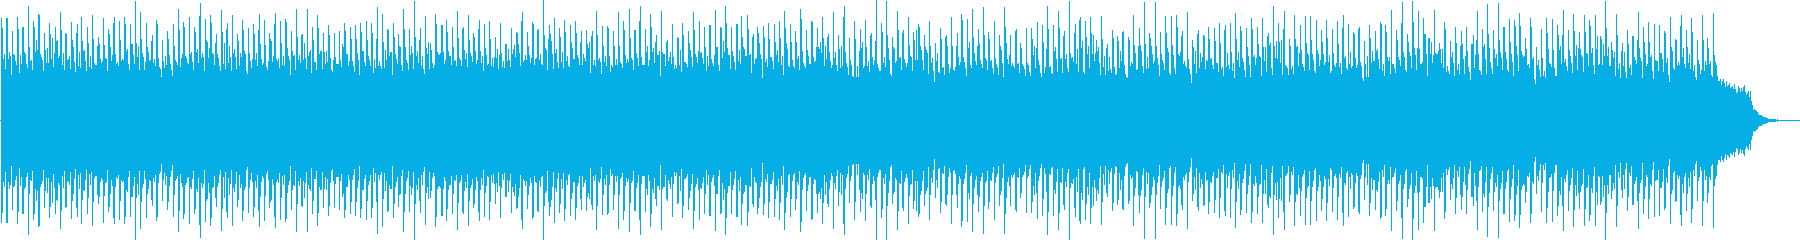 勢いのあるシンセサイザーポップの再生済みの波形